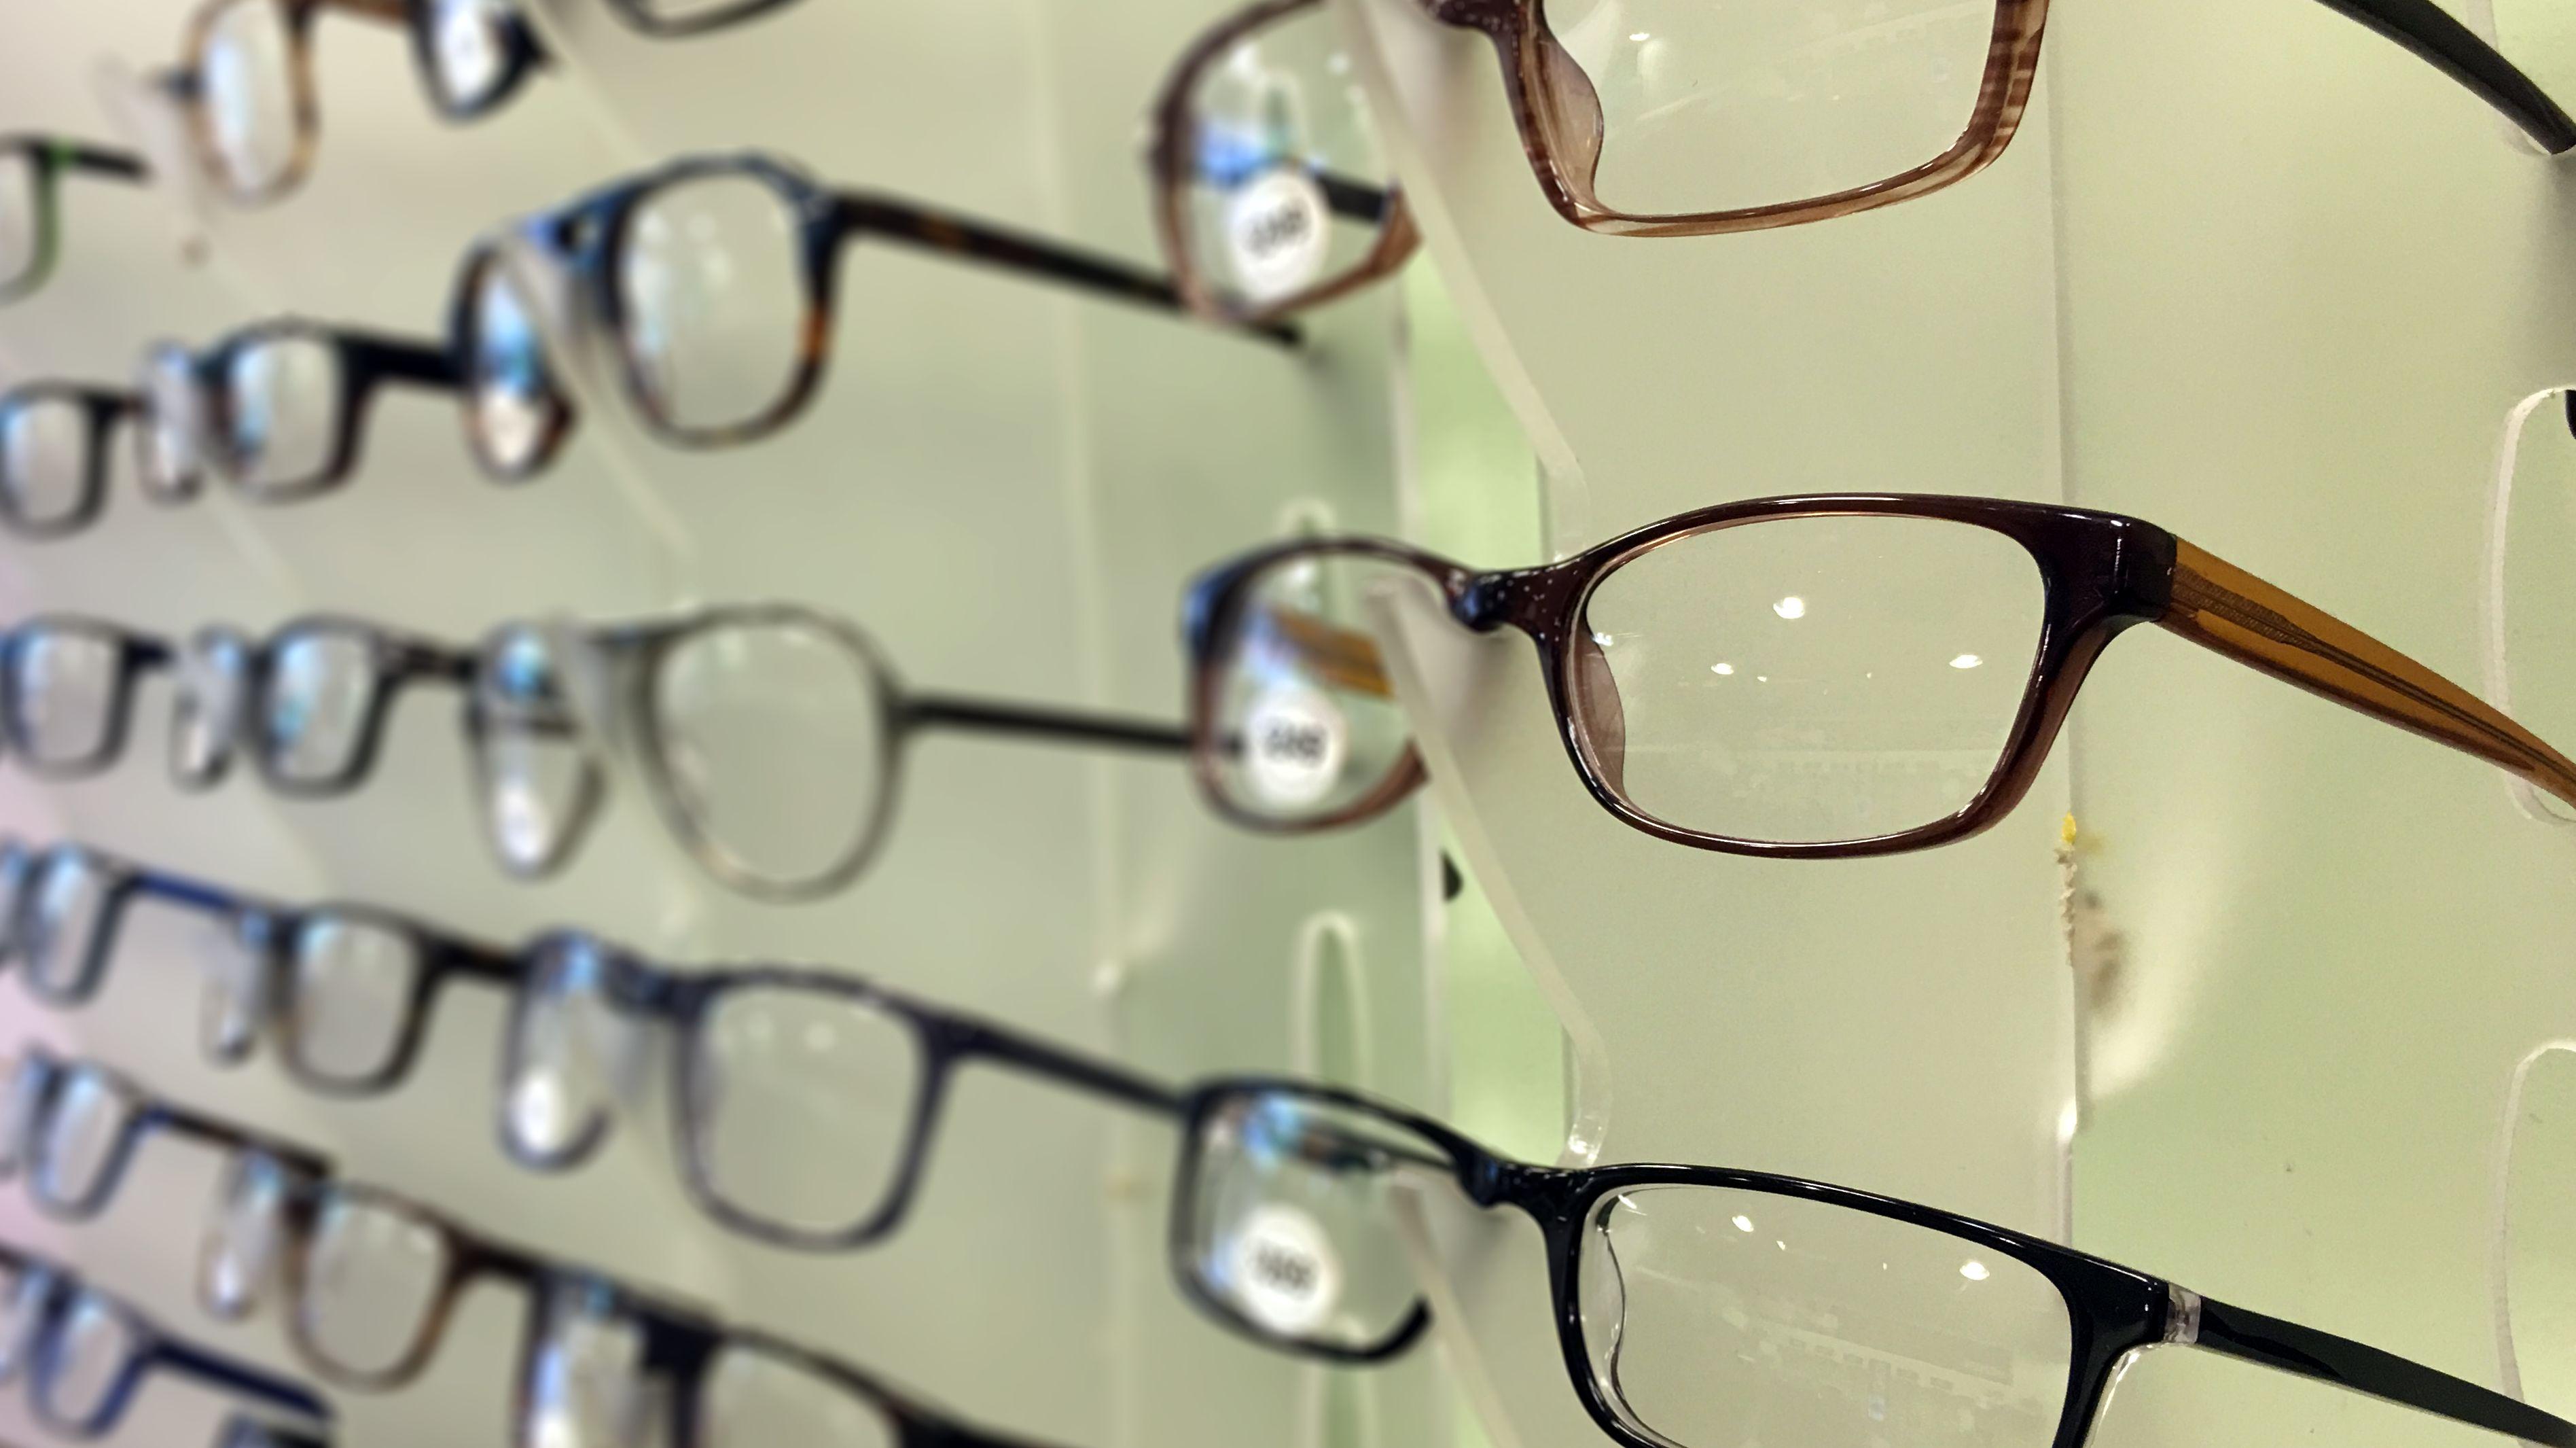 Brillen in einem Geschäft